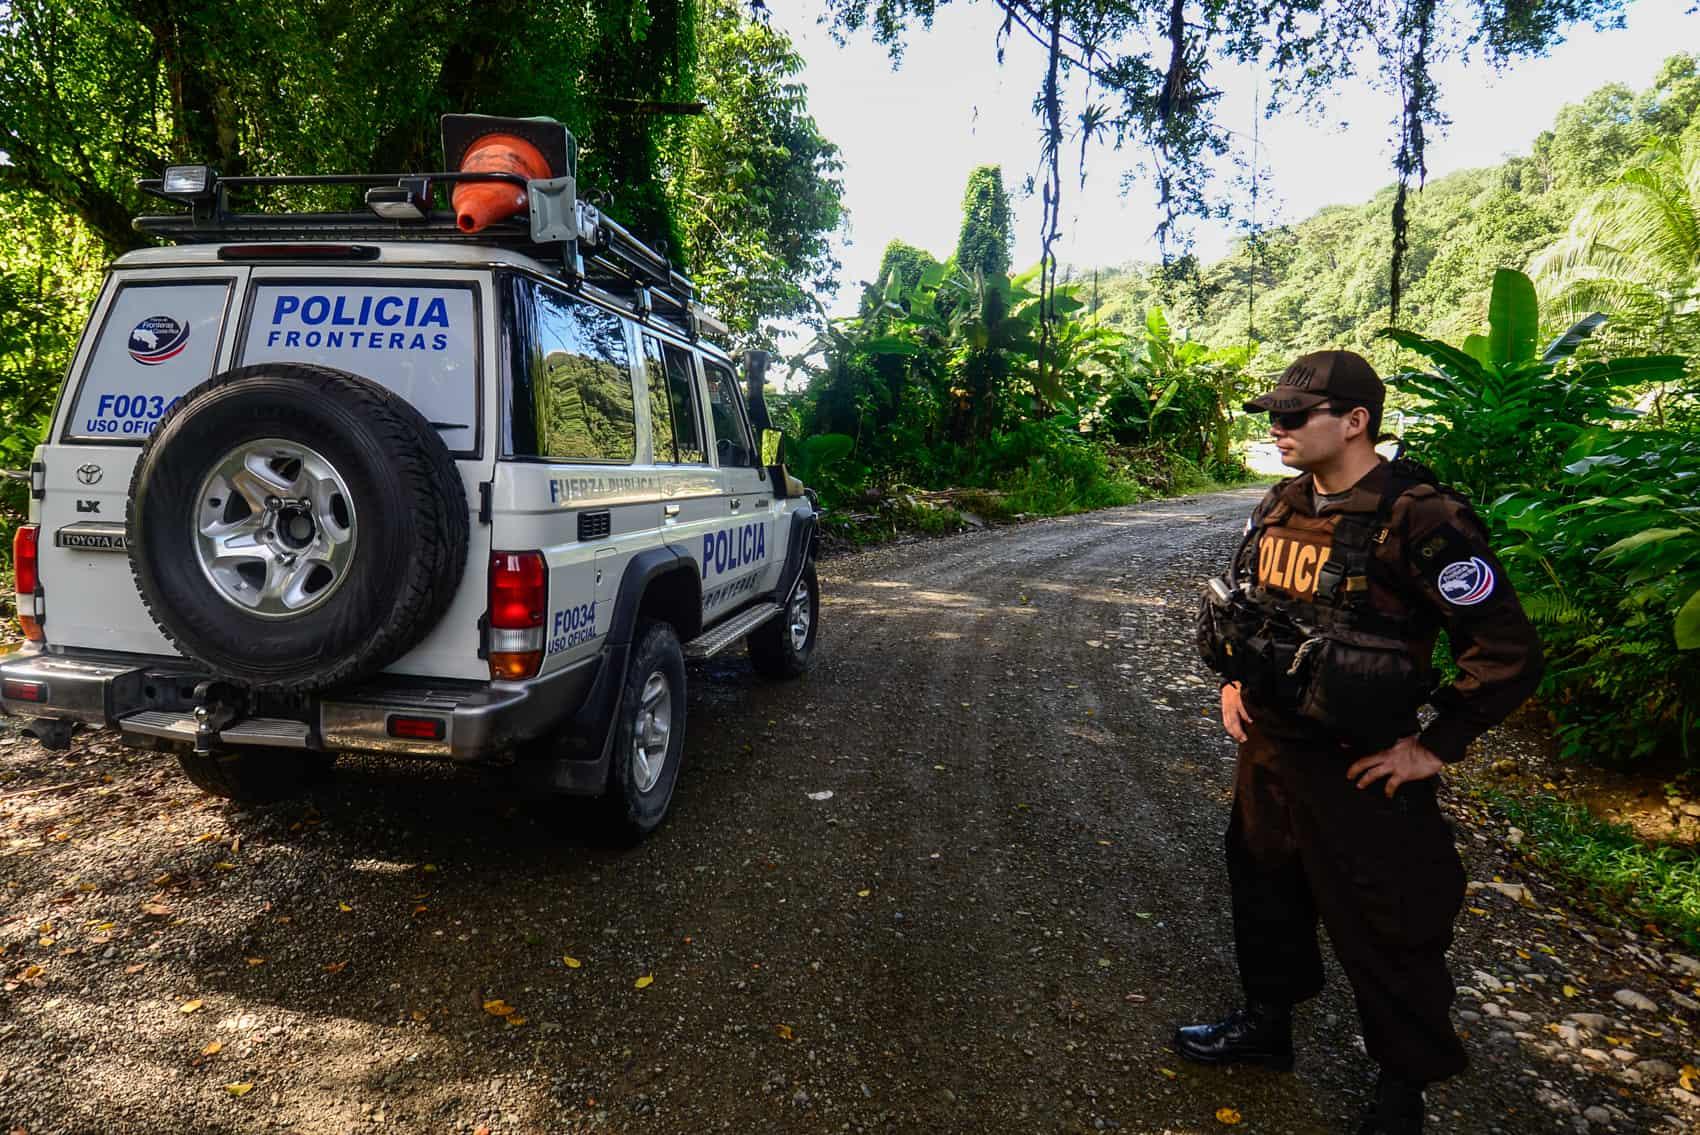 Costa Rica Border Police